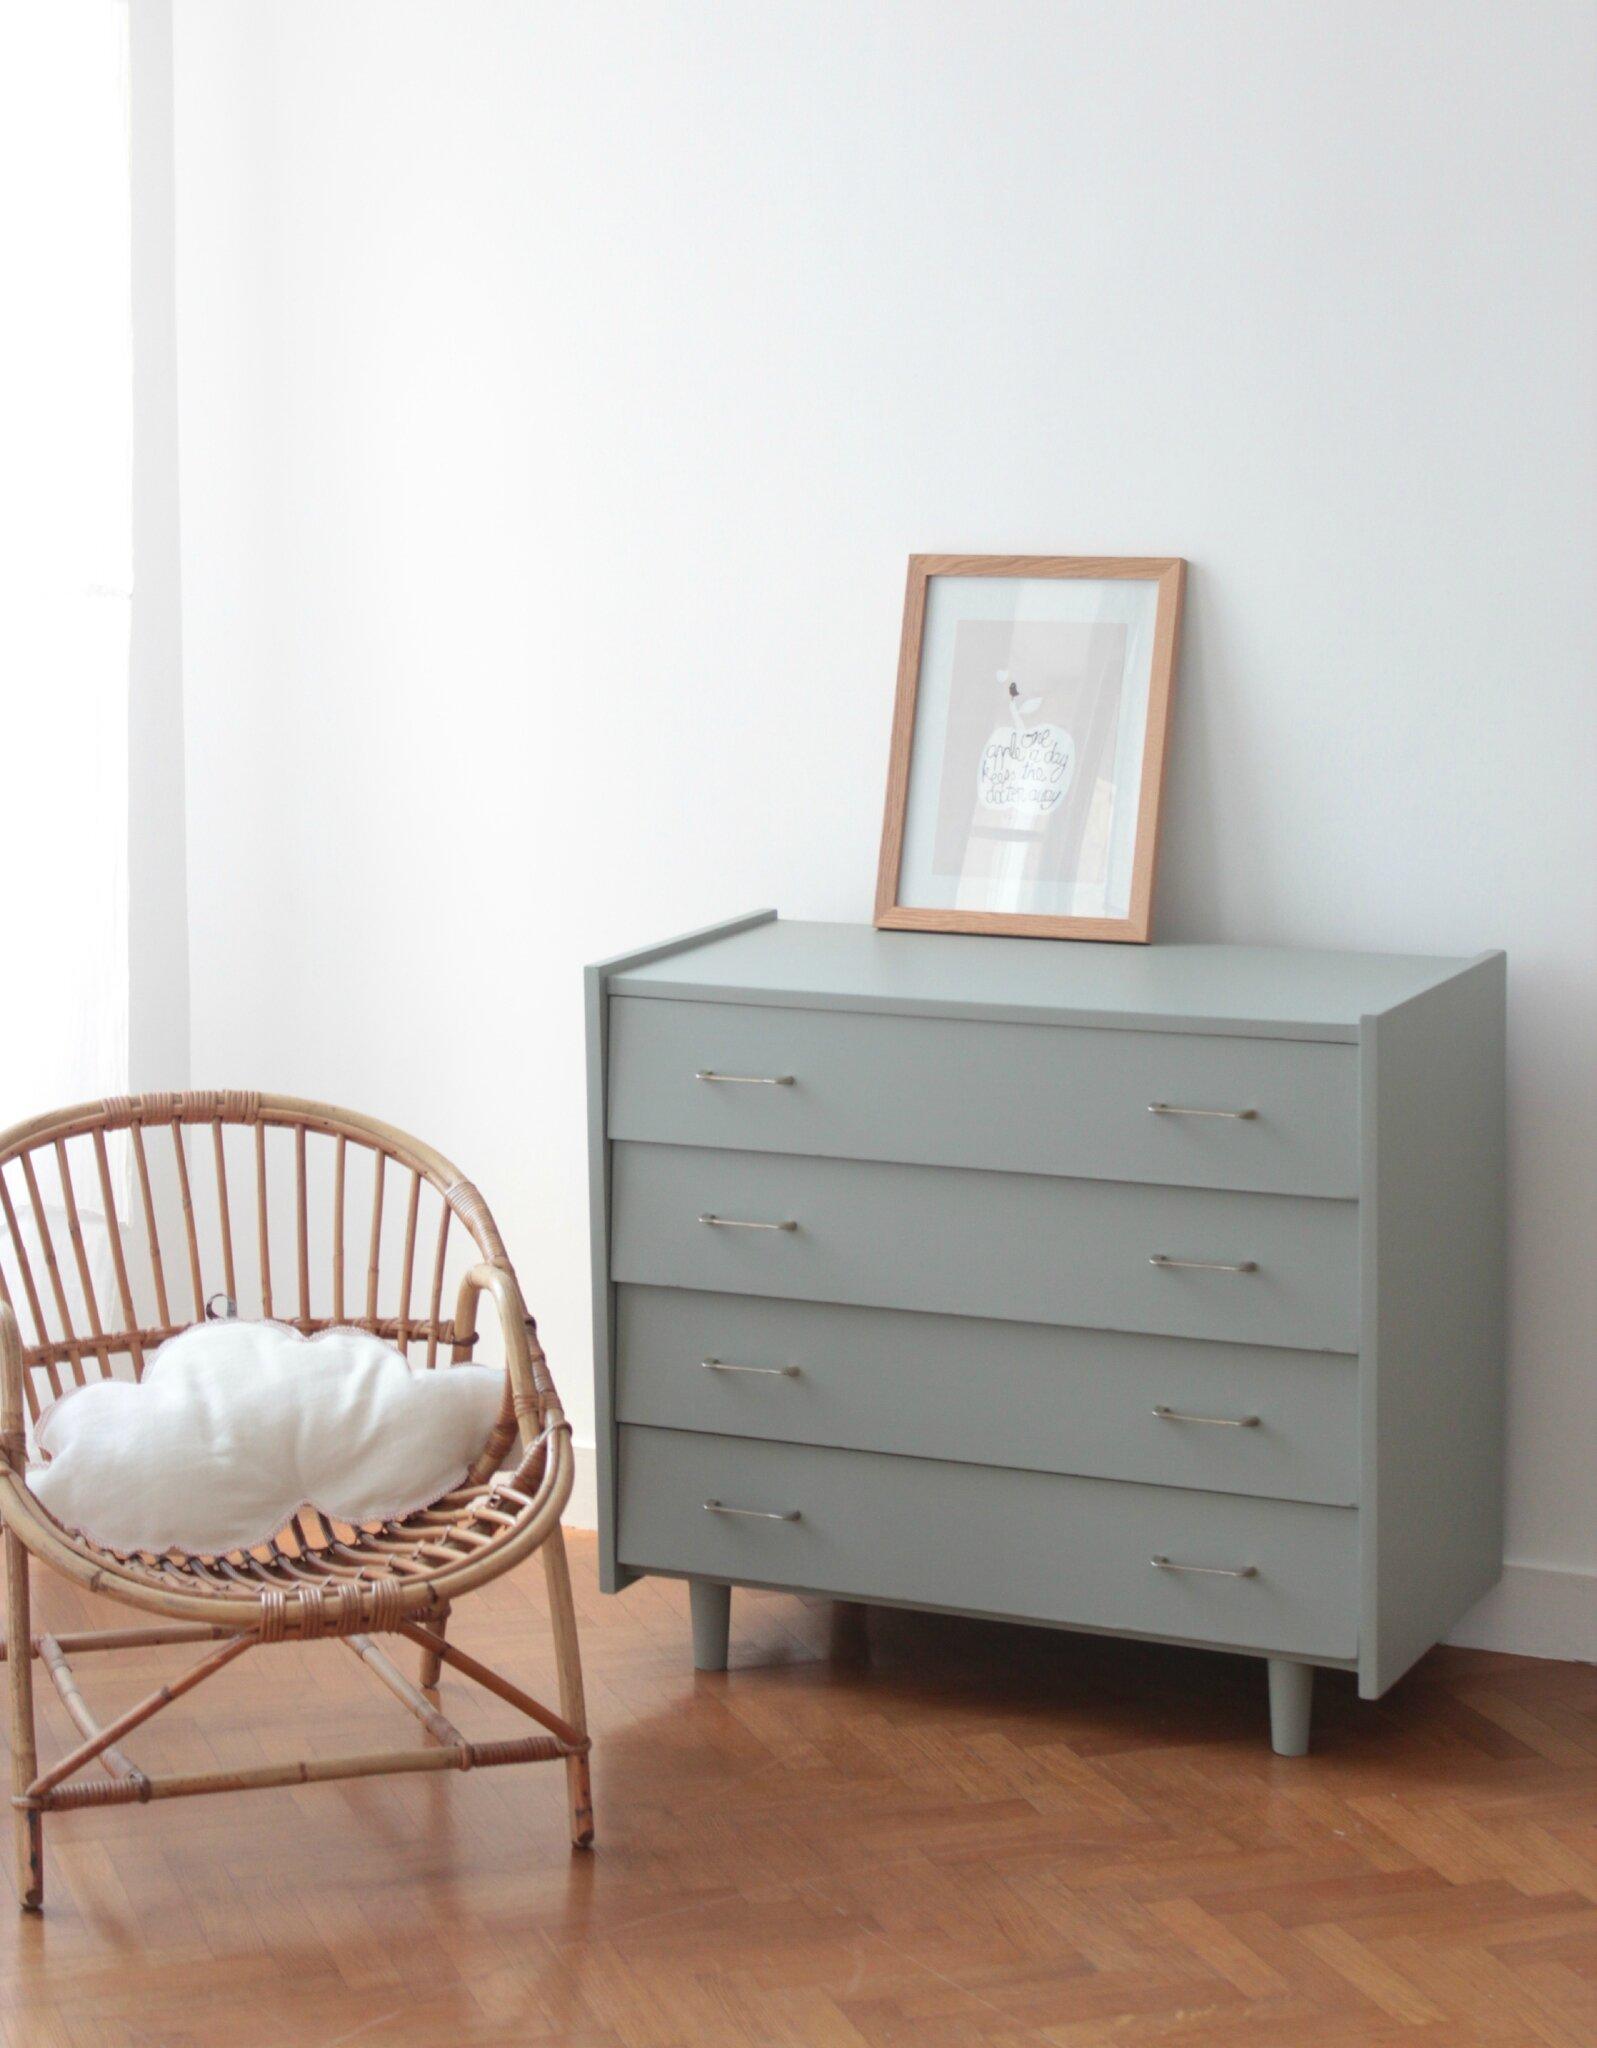 Commode vintage gris pigeon tiroirs biais   trendy little